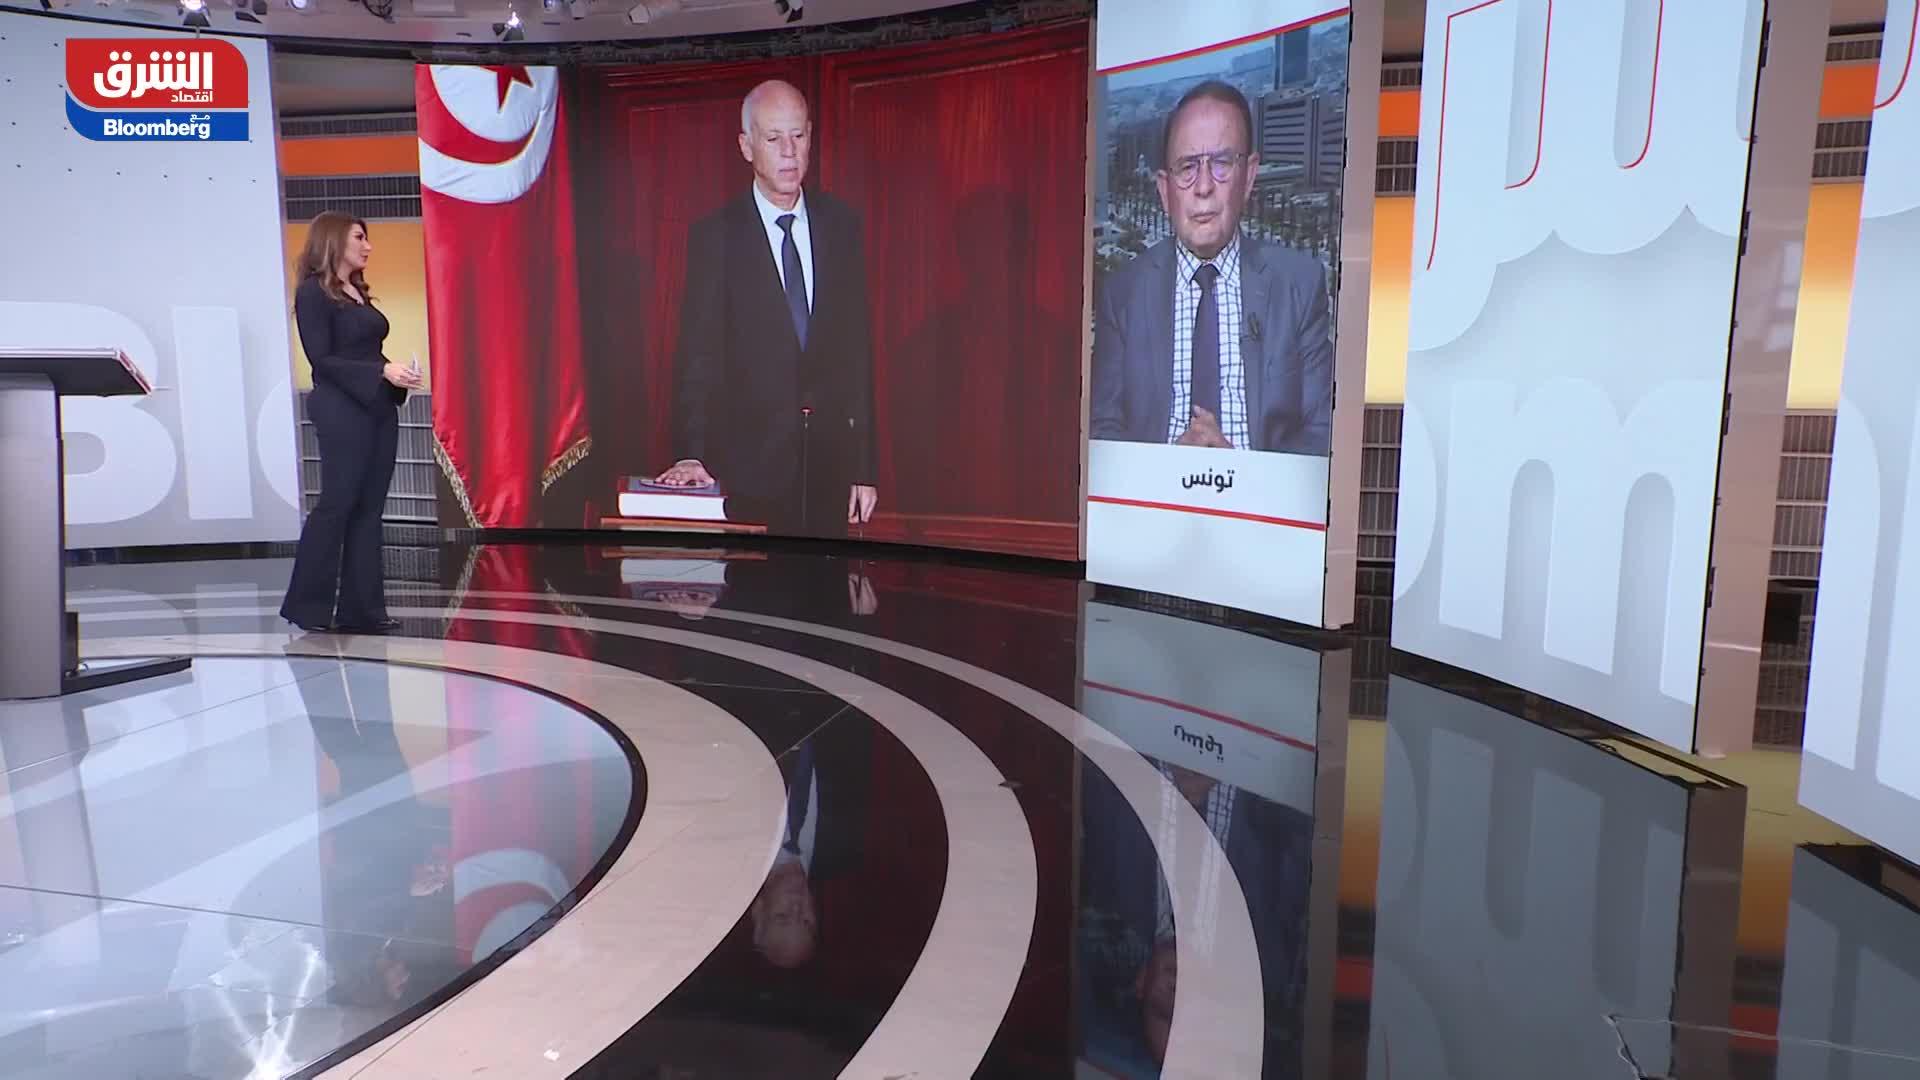 ما هي الخطوات التي تحدث عنها قيس سعيد ومن شأنها طمئنة شركاء تونس؟